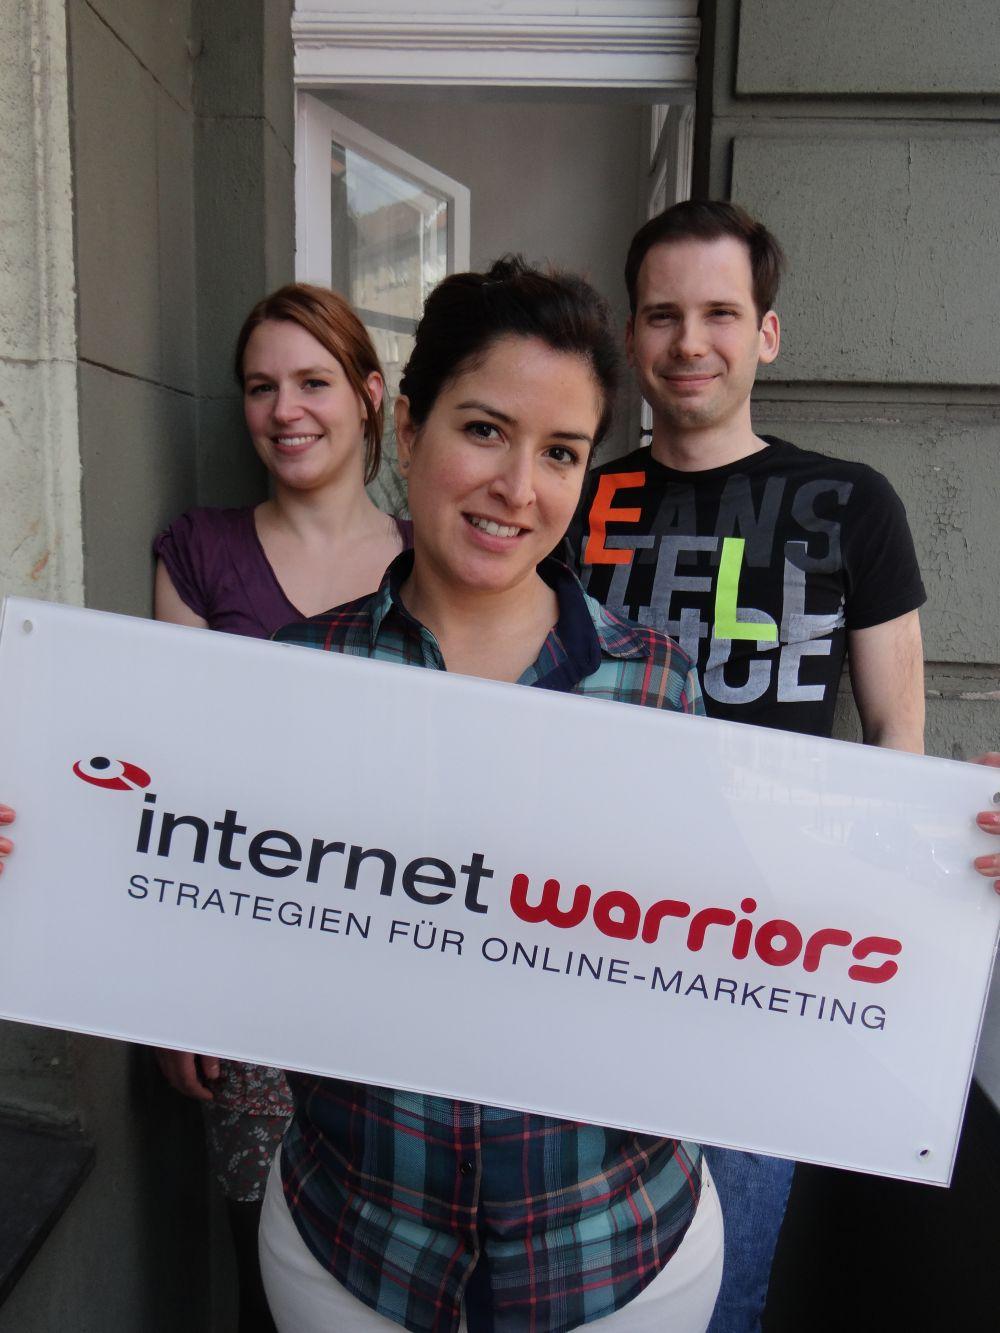 V.l.n.r.: Elisa Hallberg, Priscila Etter, Nicolai Fleckenstein